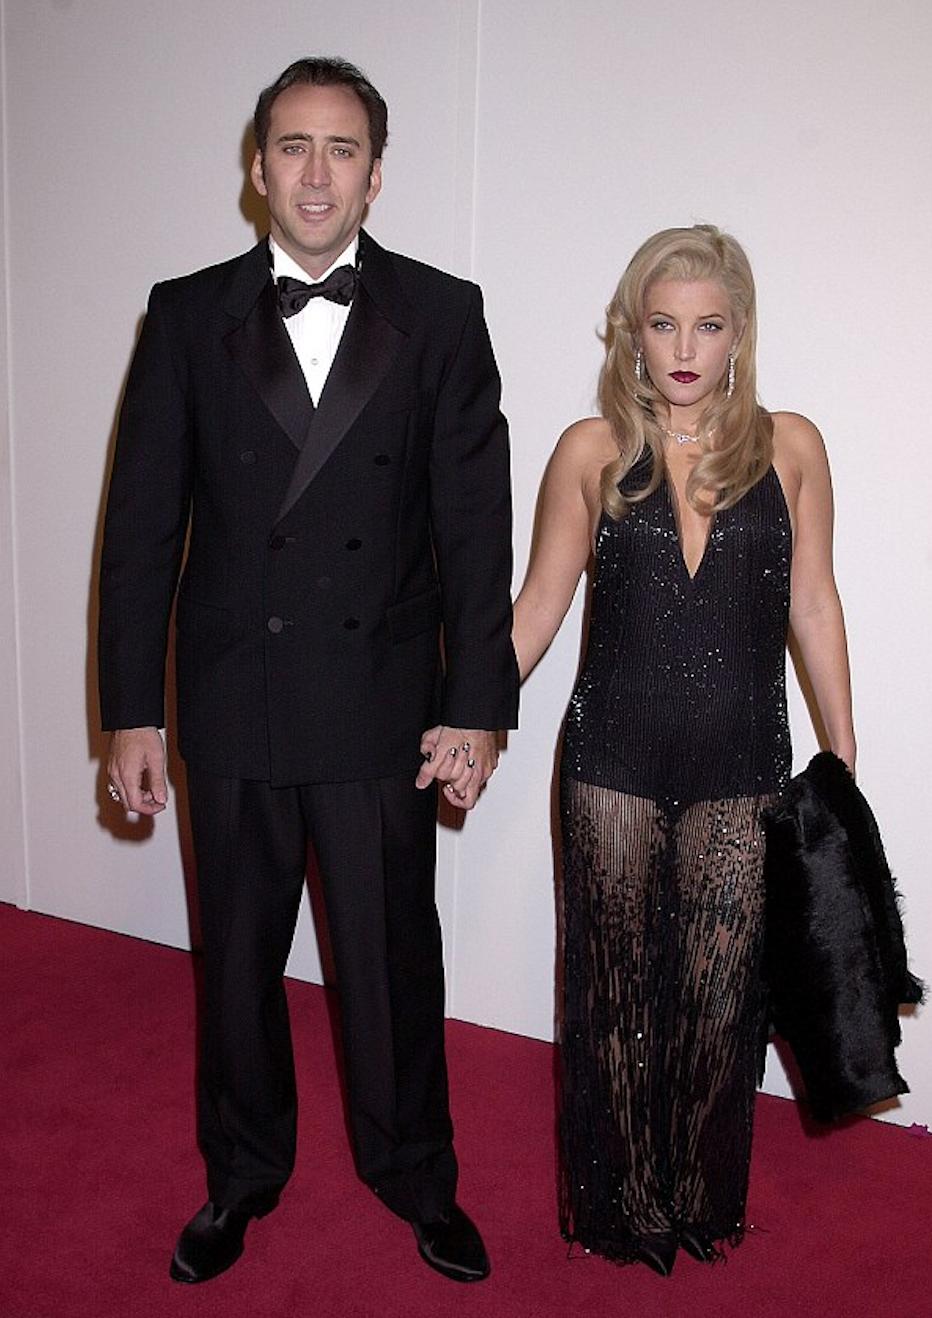 猫王女儿:4段婚姻4次离婚,迈克尔跟凯奇都是她前夫,如今怎样了